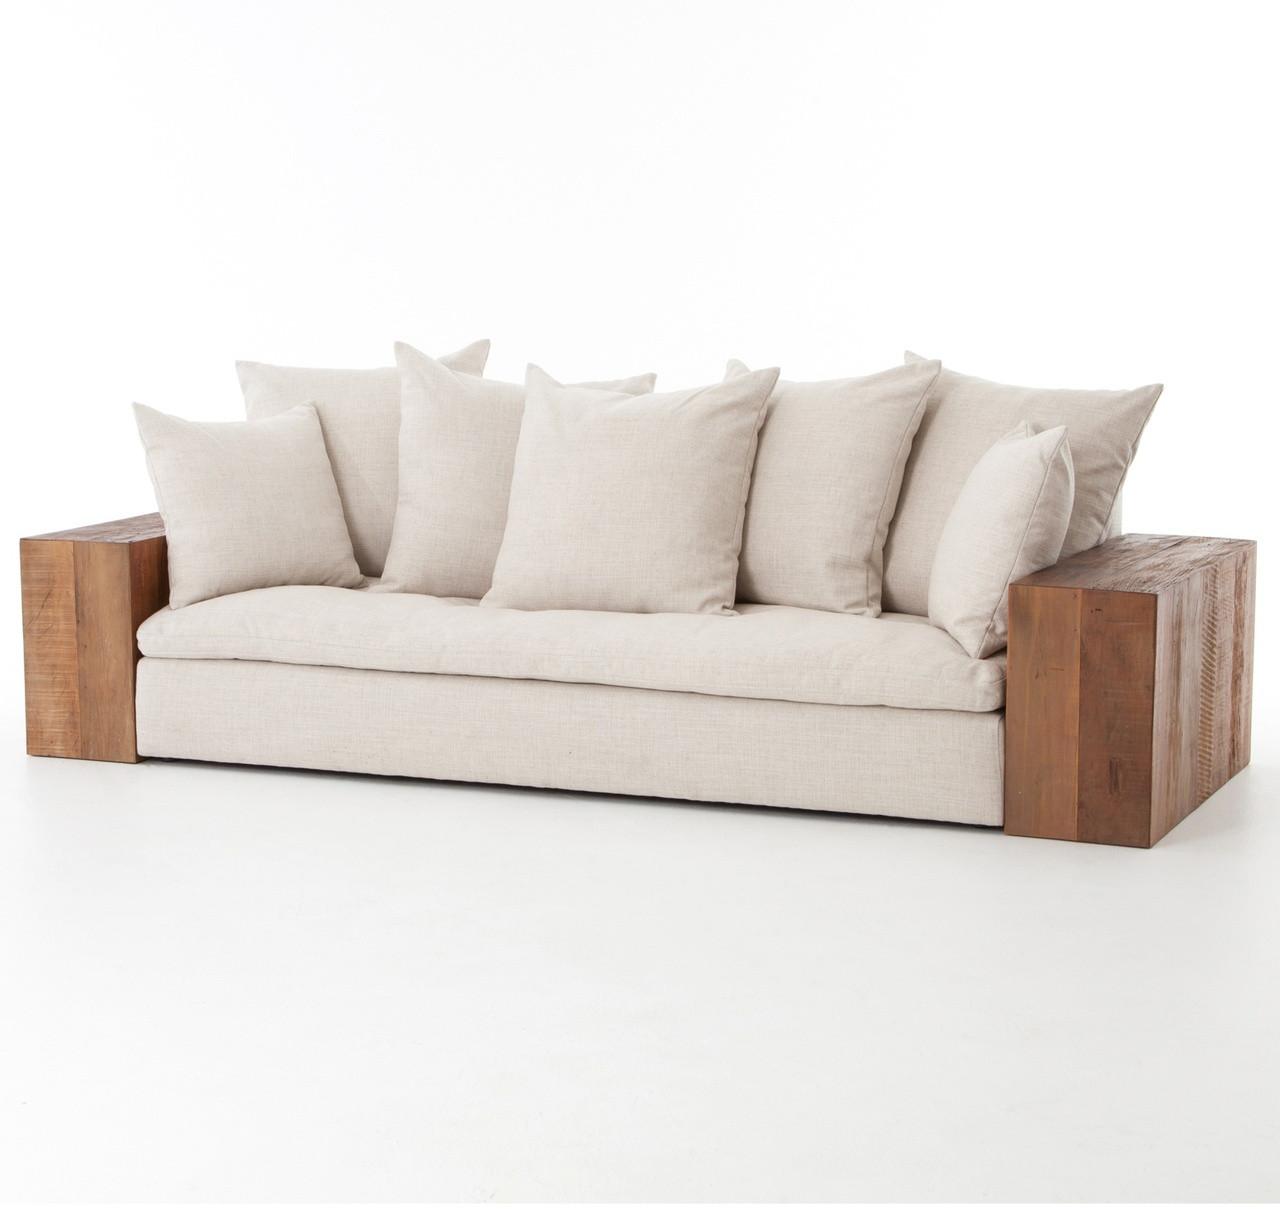 Sofa Loft dorset industrial loft linen sofa with peroba wood arms zin home